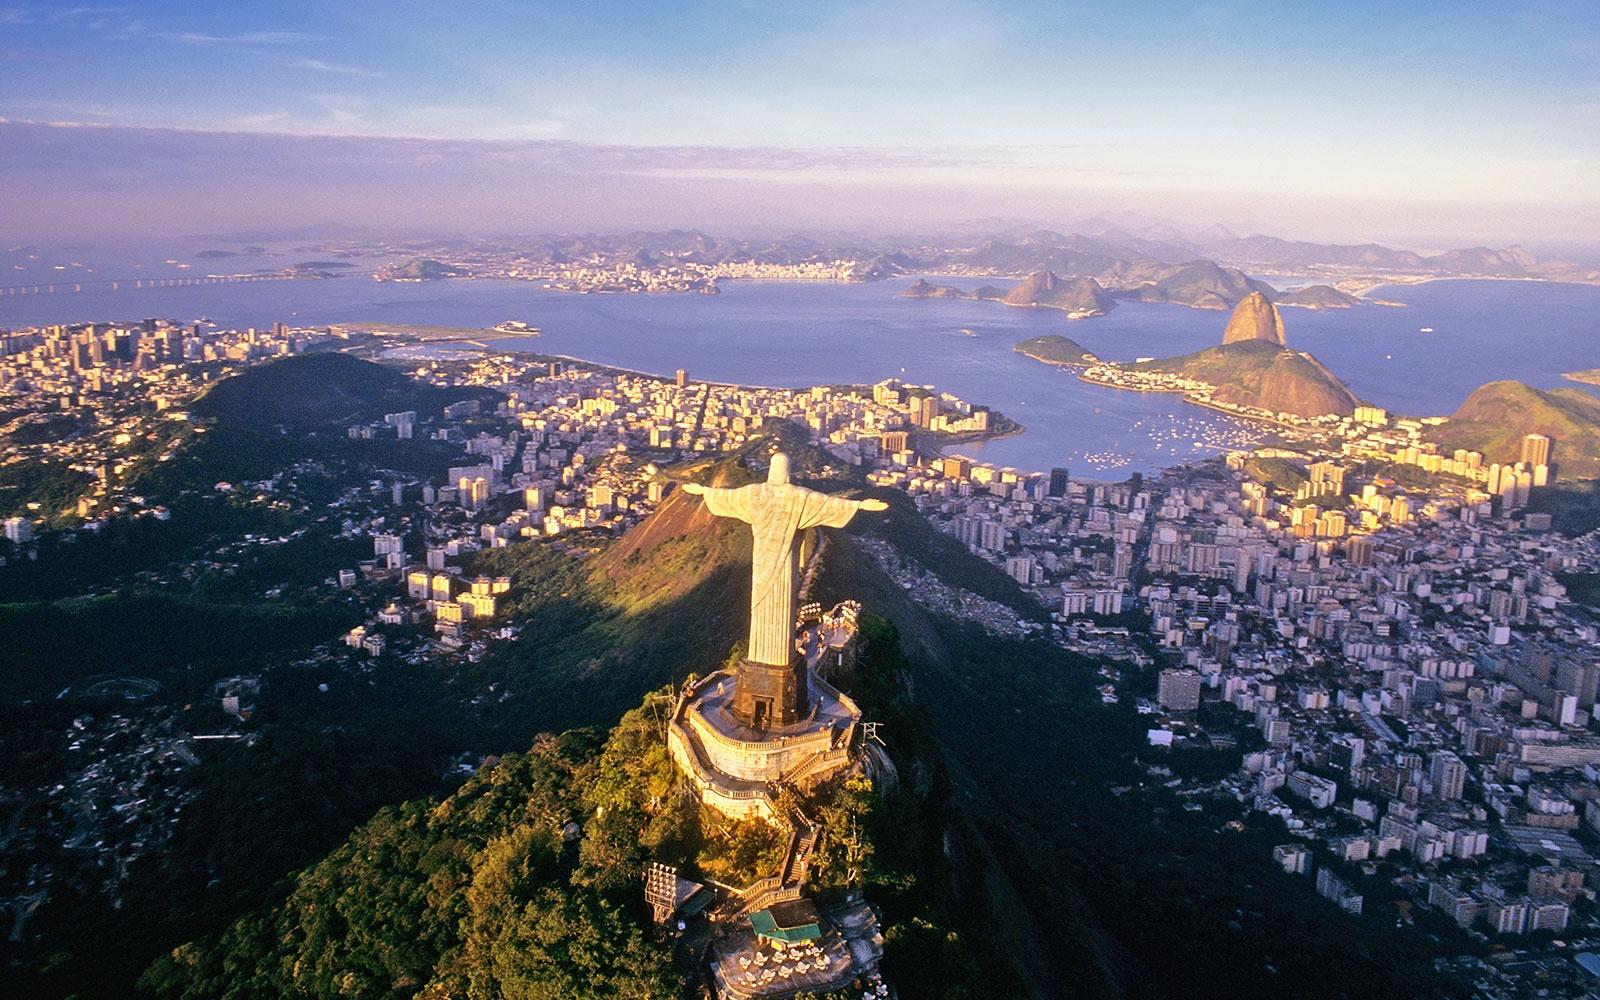 Rio de Janeiro, Brazil - The No 1 Rio de Janeiro Tourism